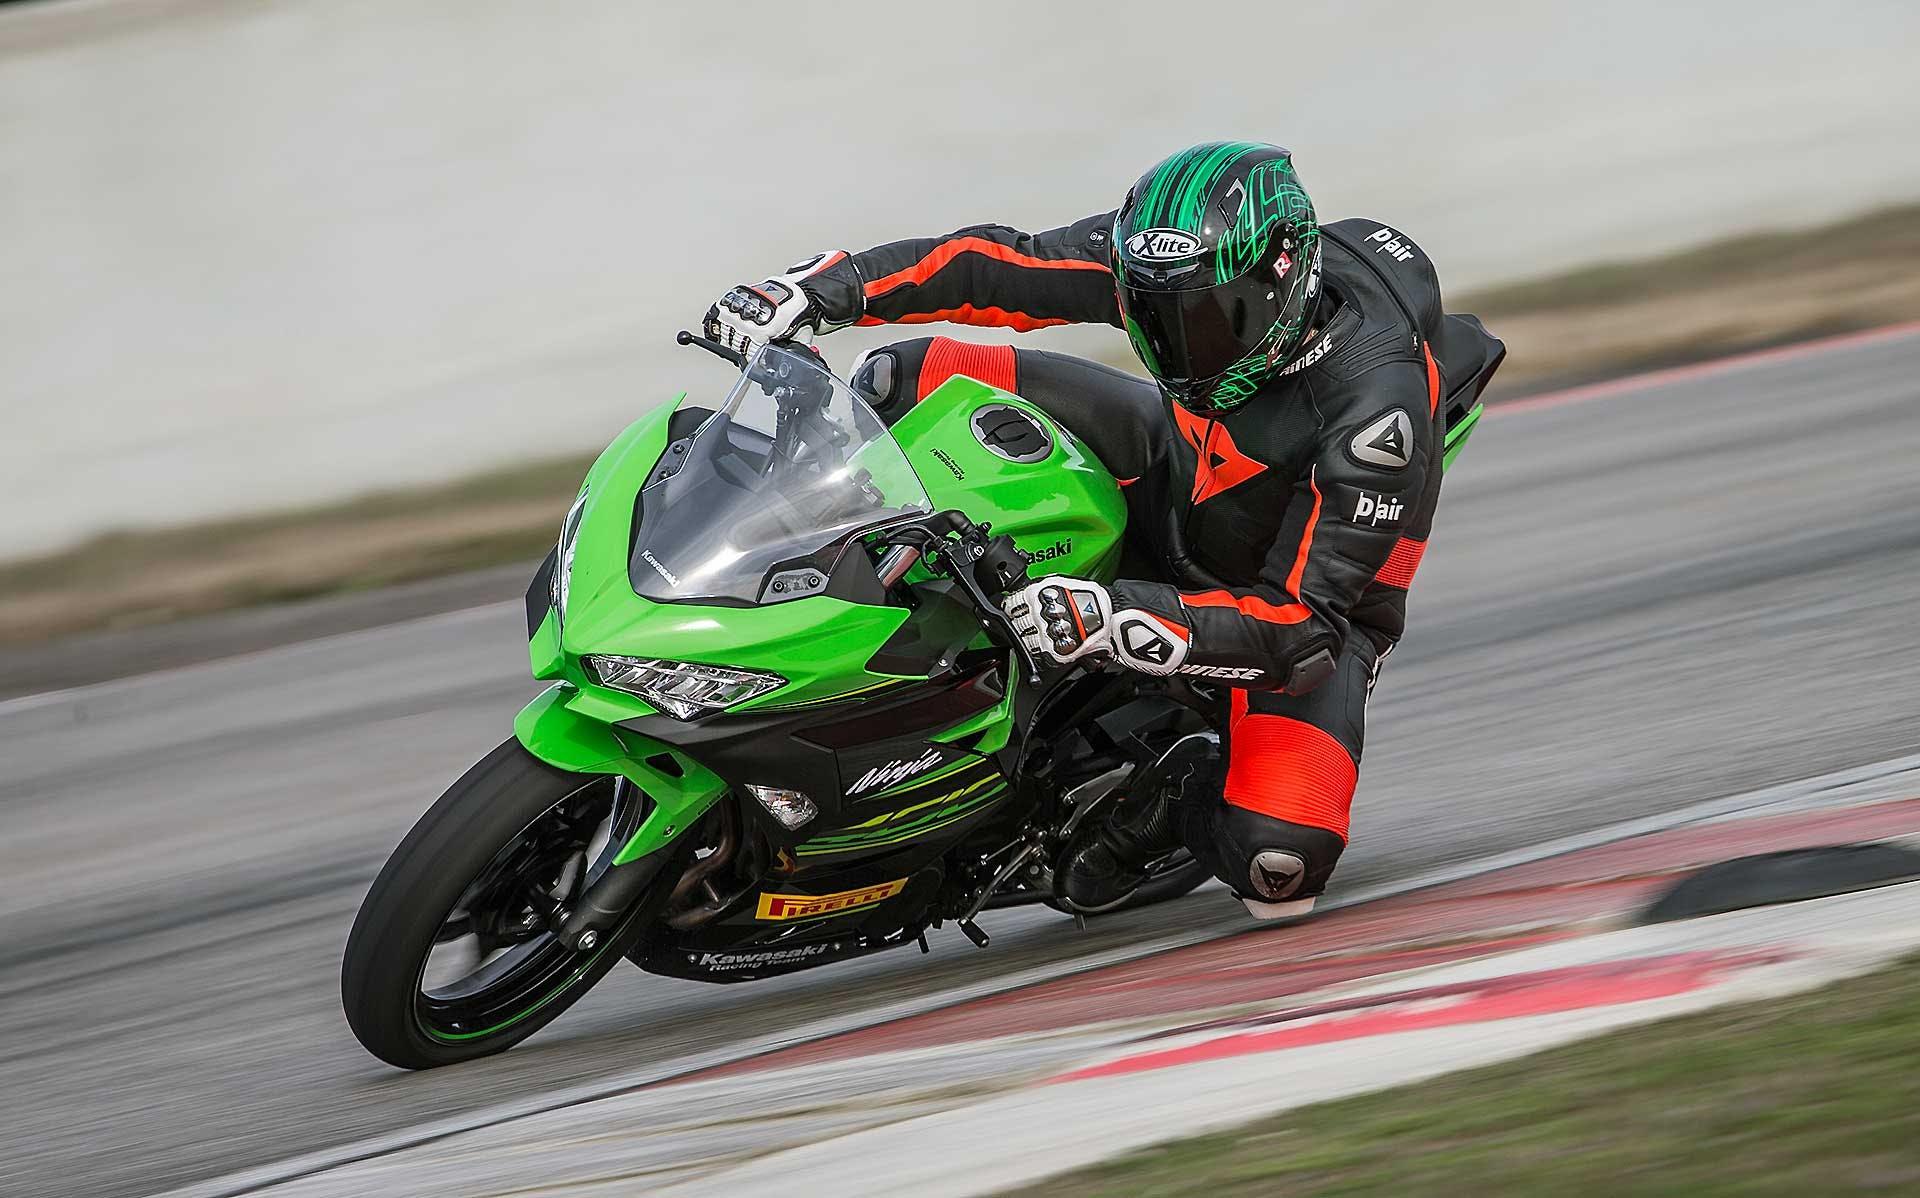 Kawasaki Ninja 400 in piega in pista moto per neopatentati A2